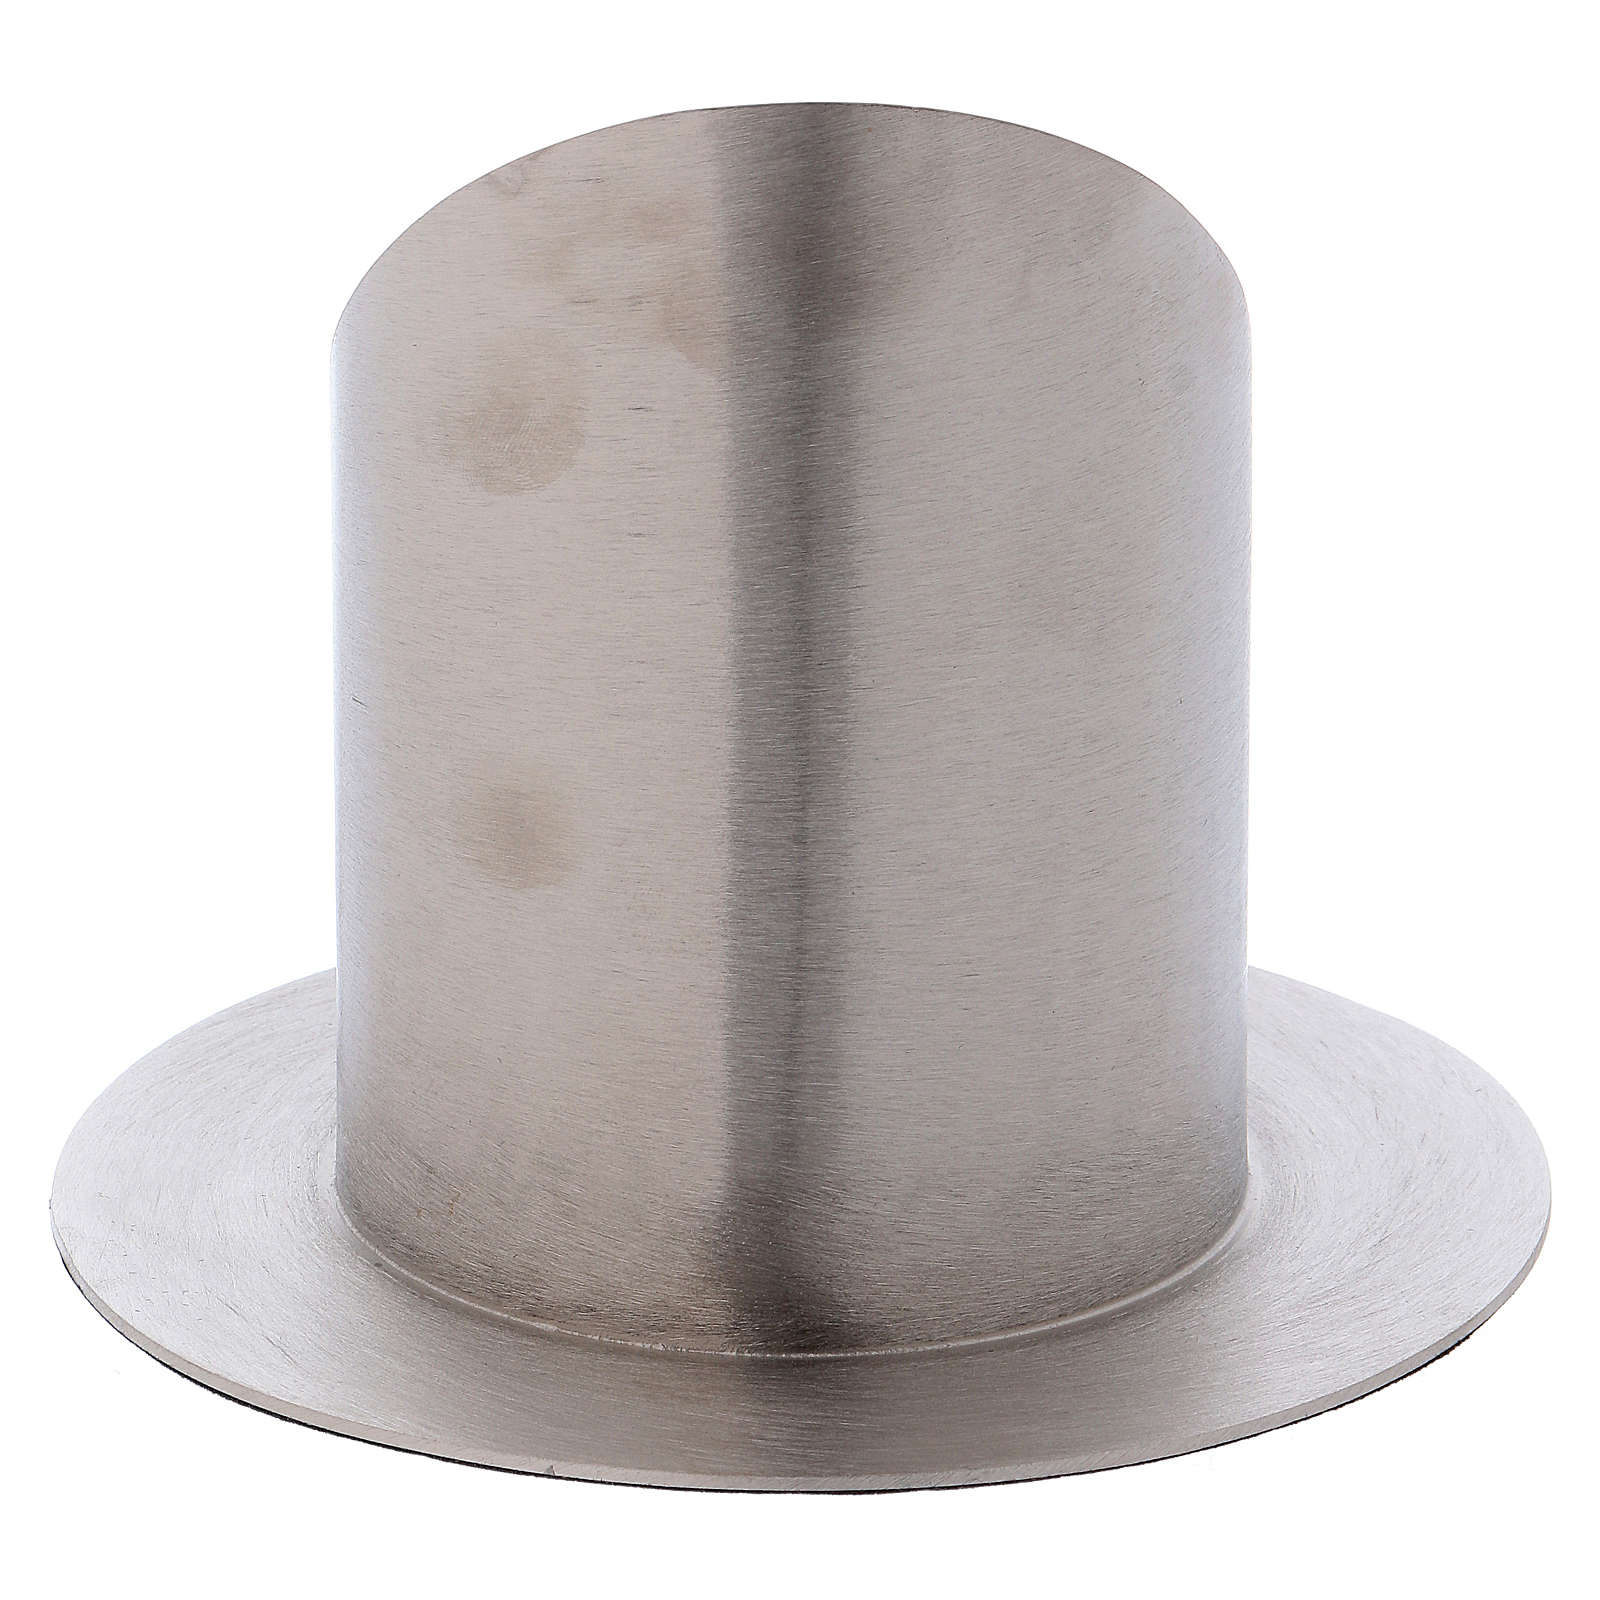 Portacero cilindrico ottone argentato satinato 4